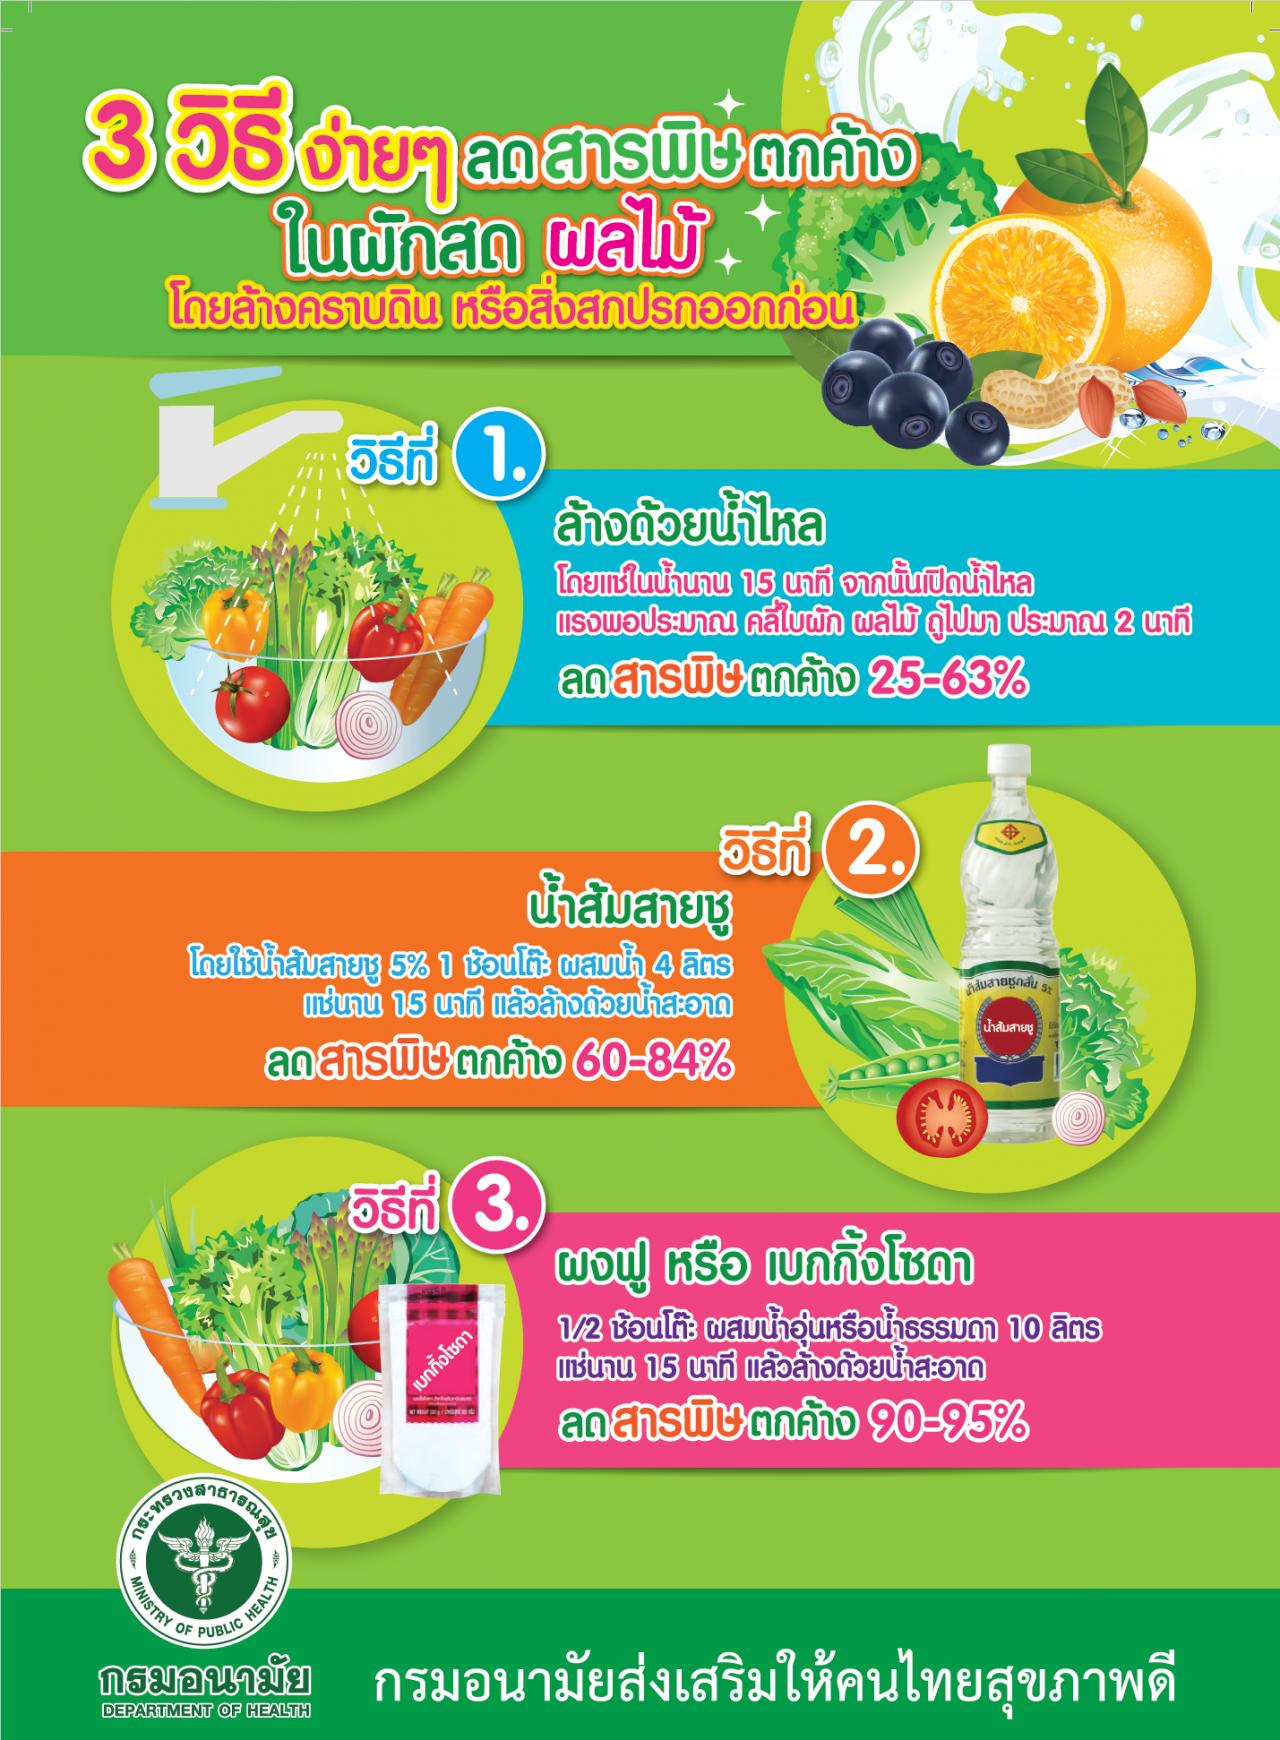 ลดสารพิษตกค้างในผักผลไม้